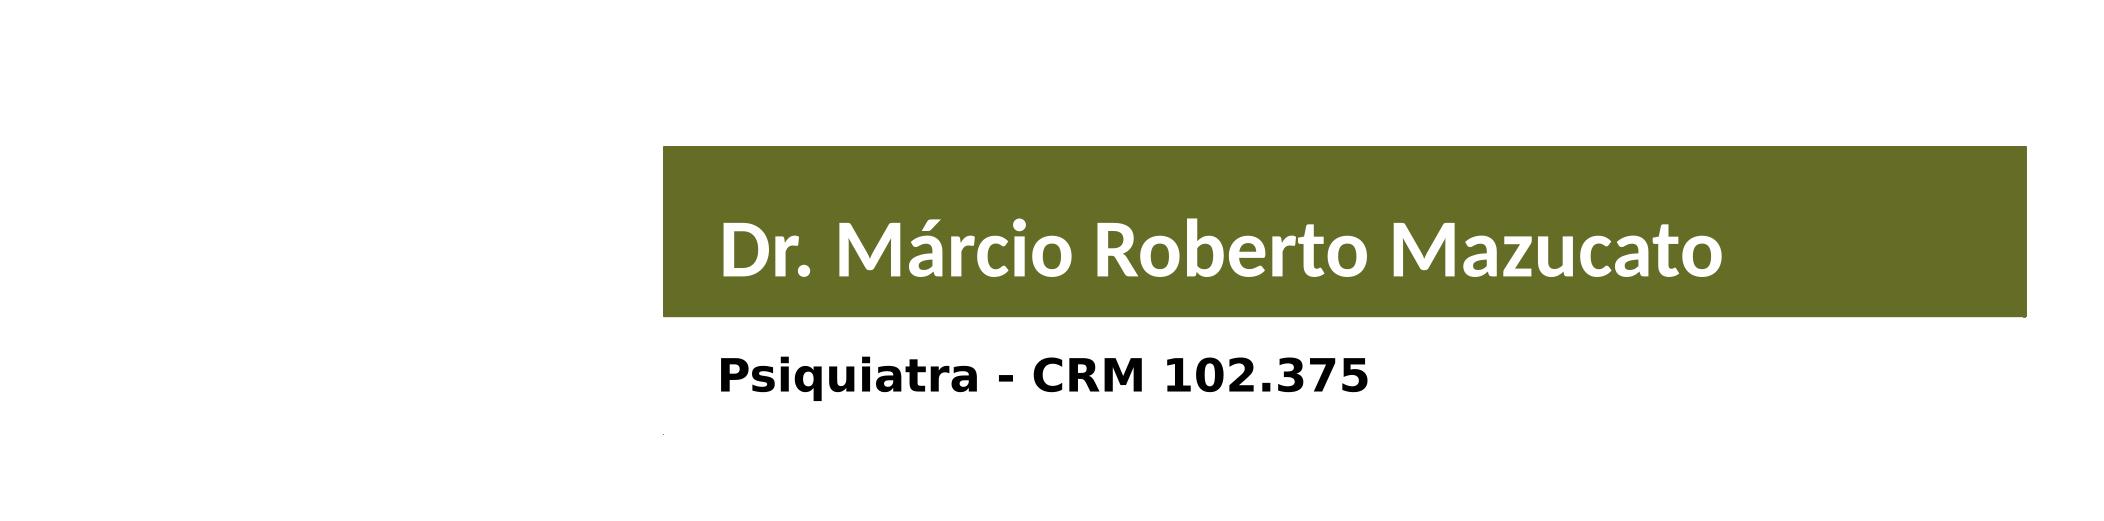 especialista dr marcio roberto mazucato 080419